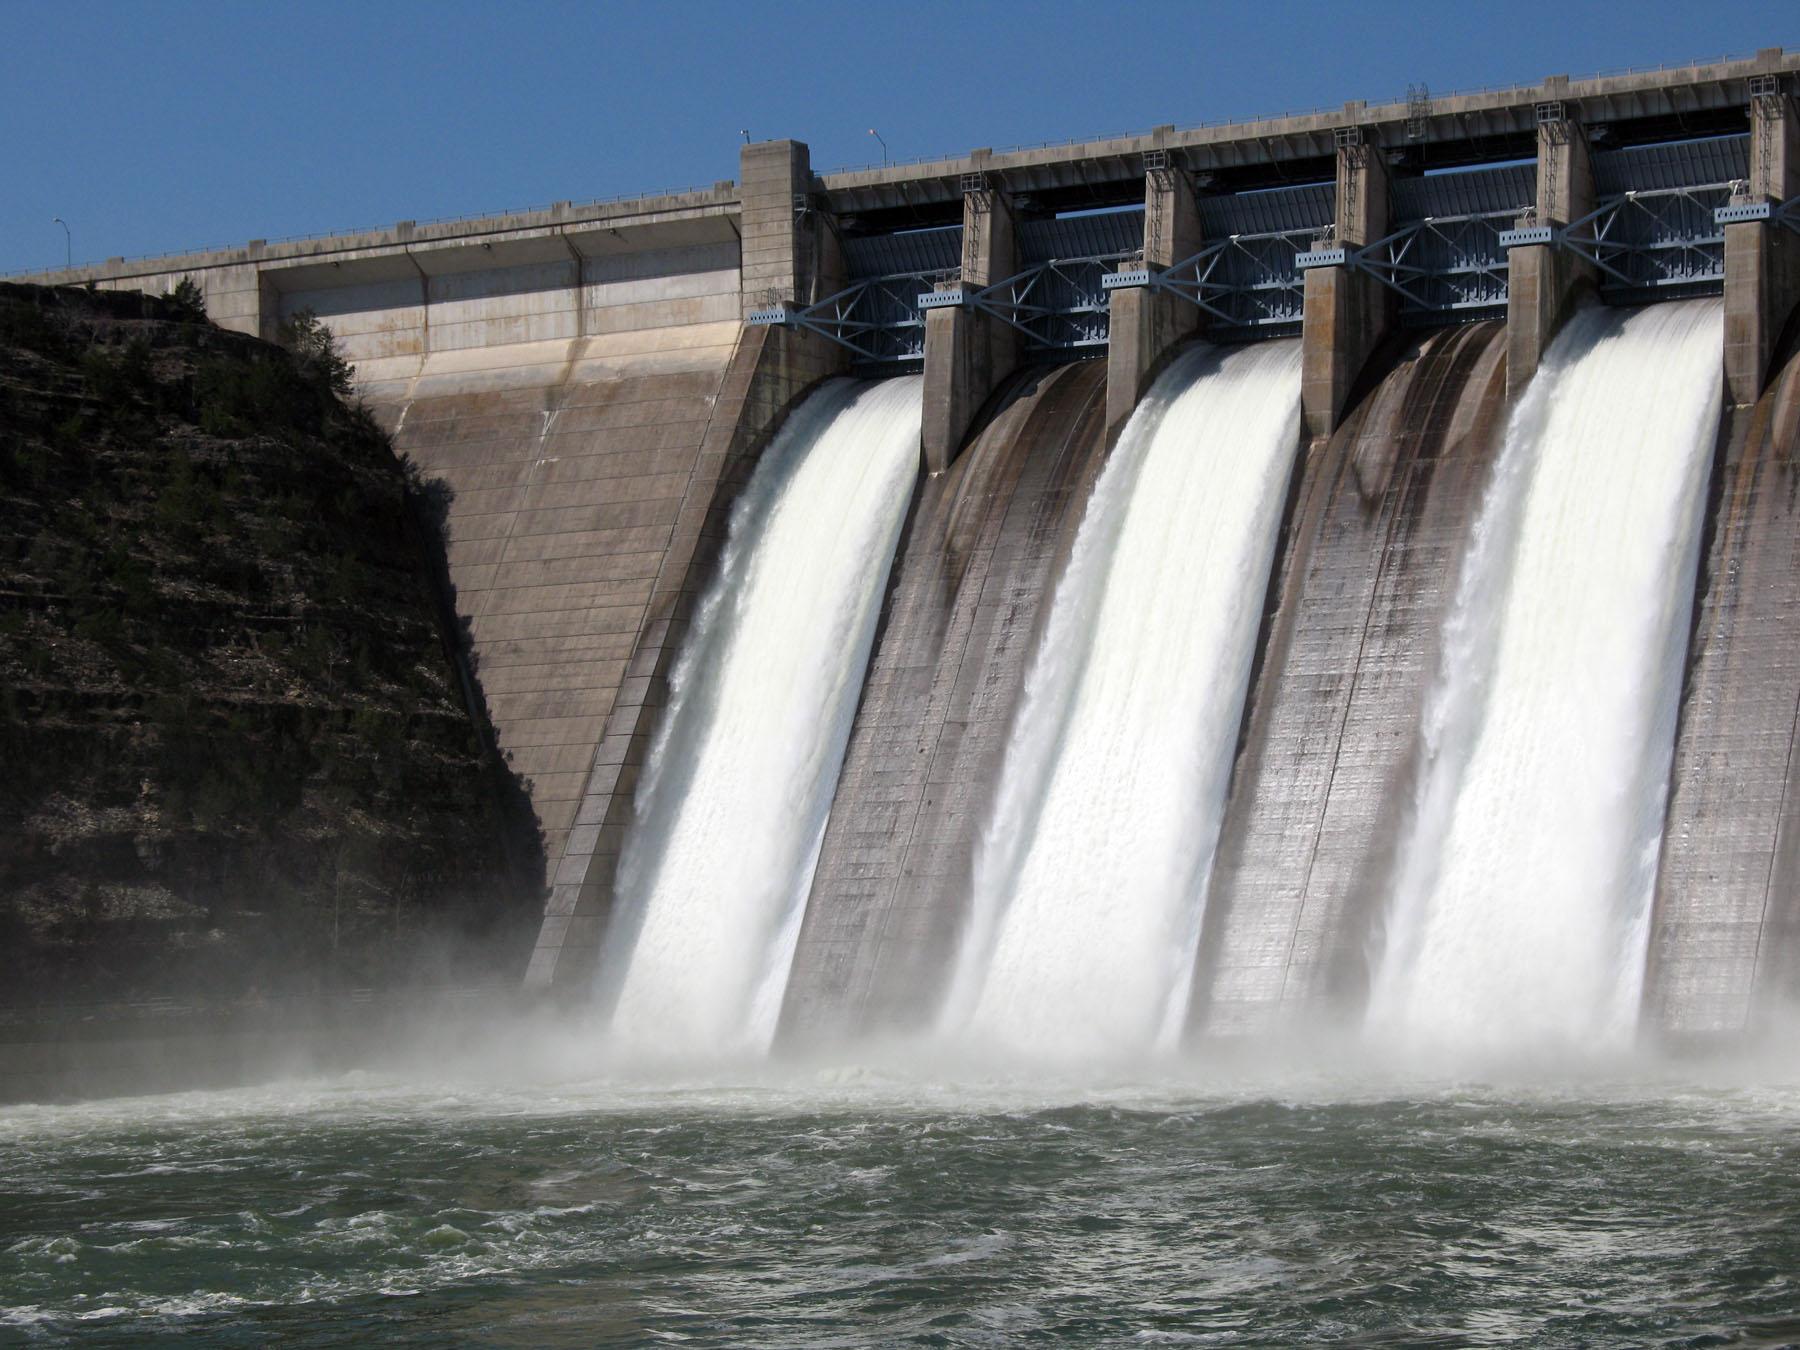 Τα χαμηλά επίπεδα των νερών ενδέχεται να οδηγήσουν σε νέα ενεργειακή κρίση το καλοκαίρι